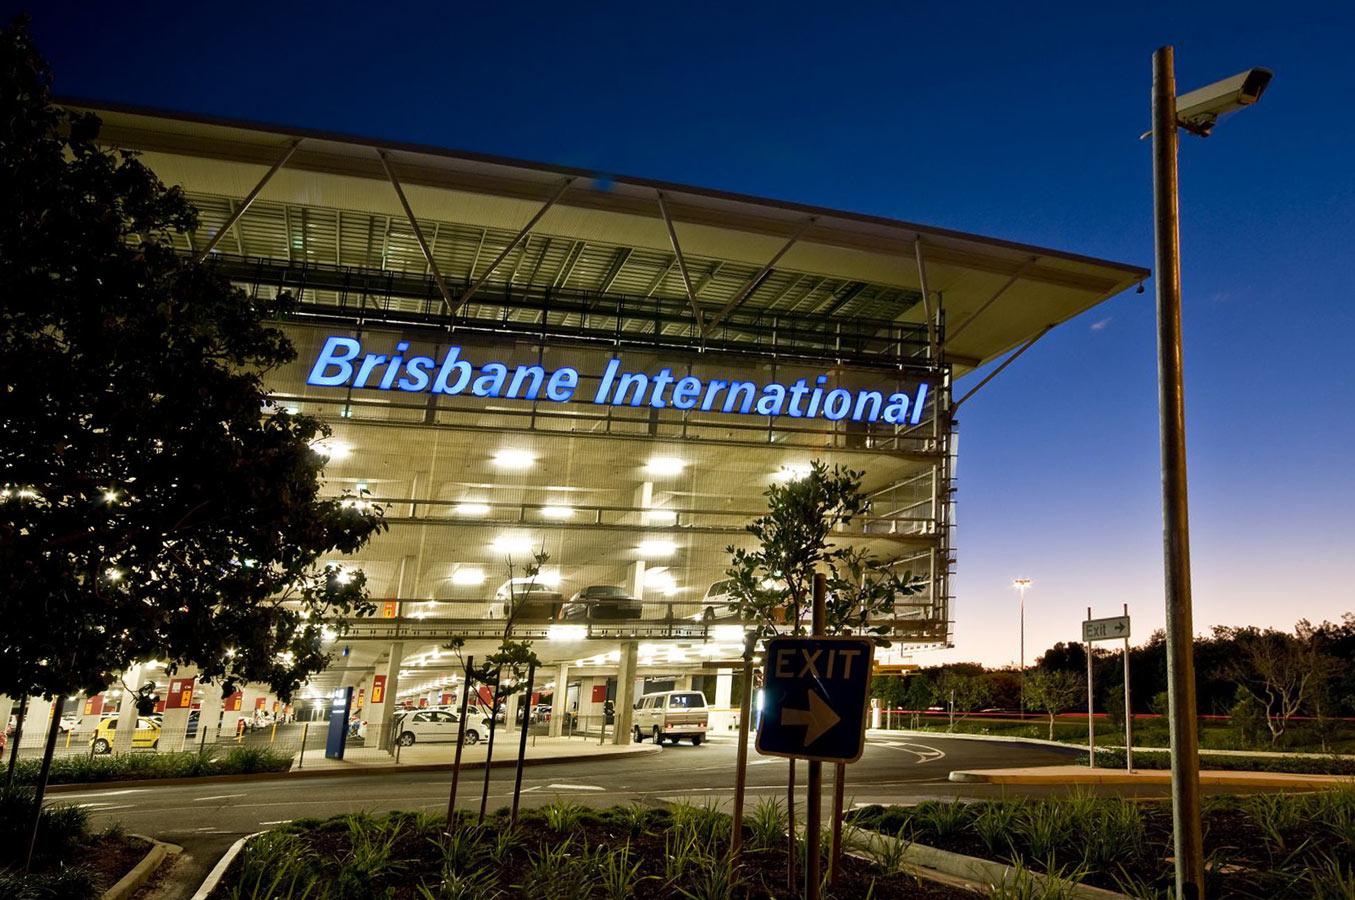 Il primo aeroporto dedicato alle Criptovalute terminal australiano di Brisbane - Il primo aeroporto dedicato alle Criptovalute è il terminal australiano di Brisbane